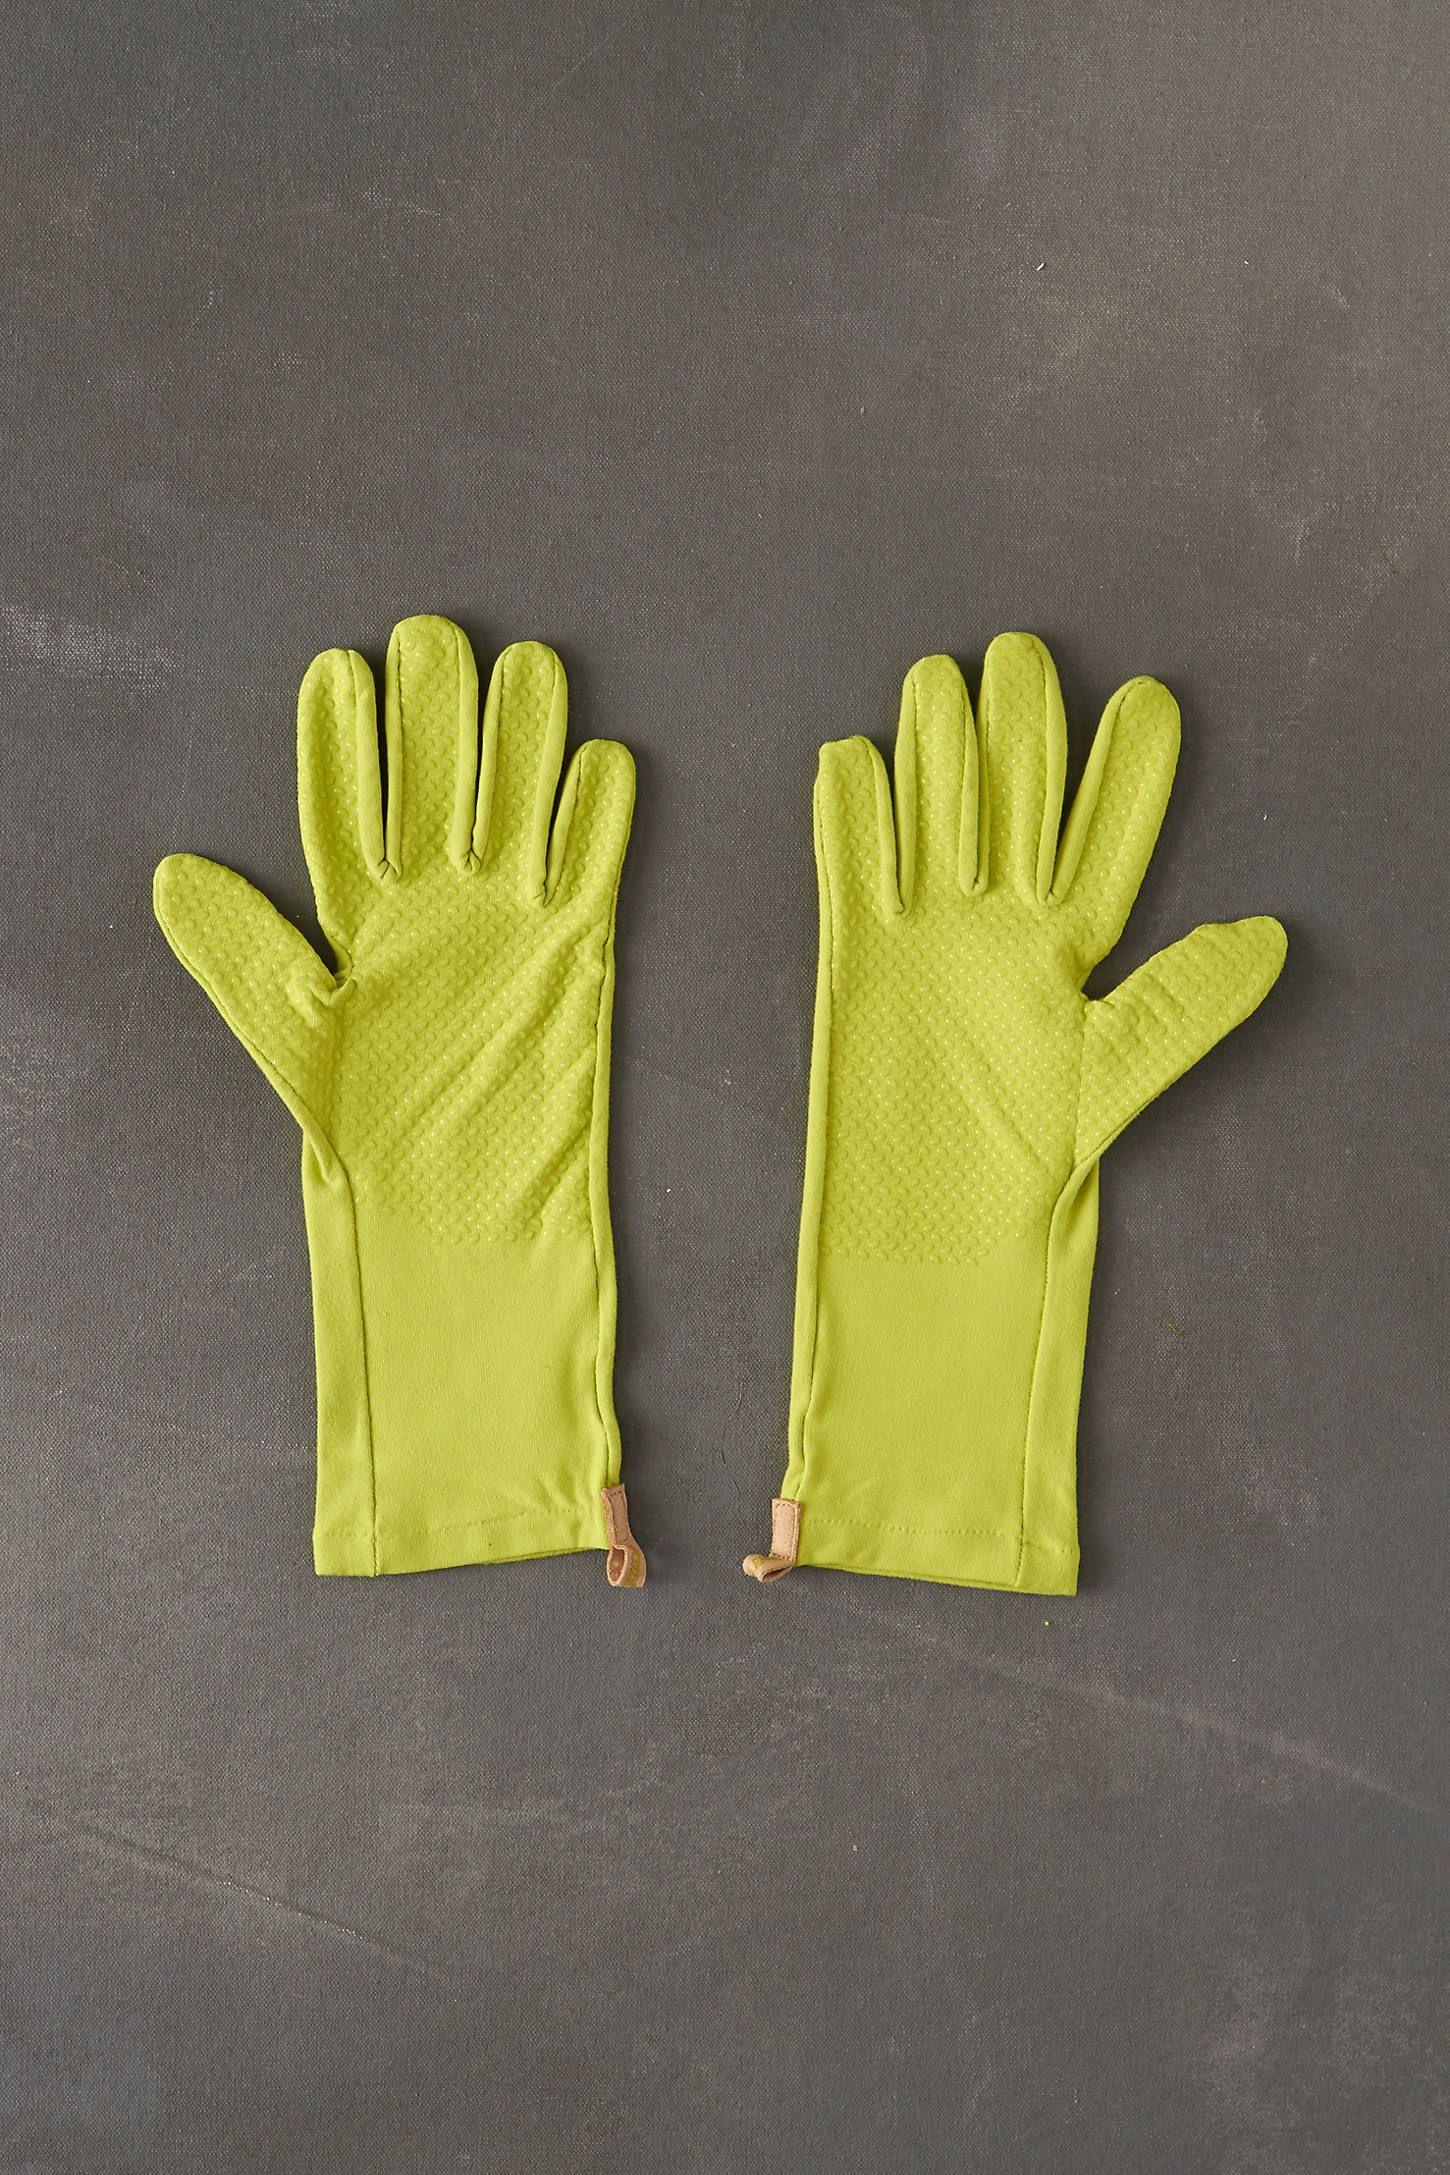 Second Skin Garden Gloves by Anthropologie in